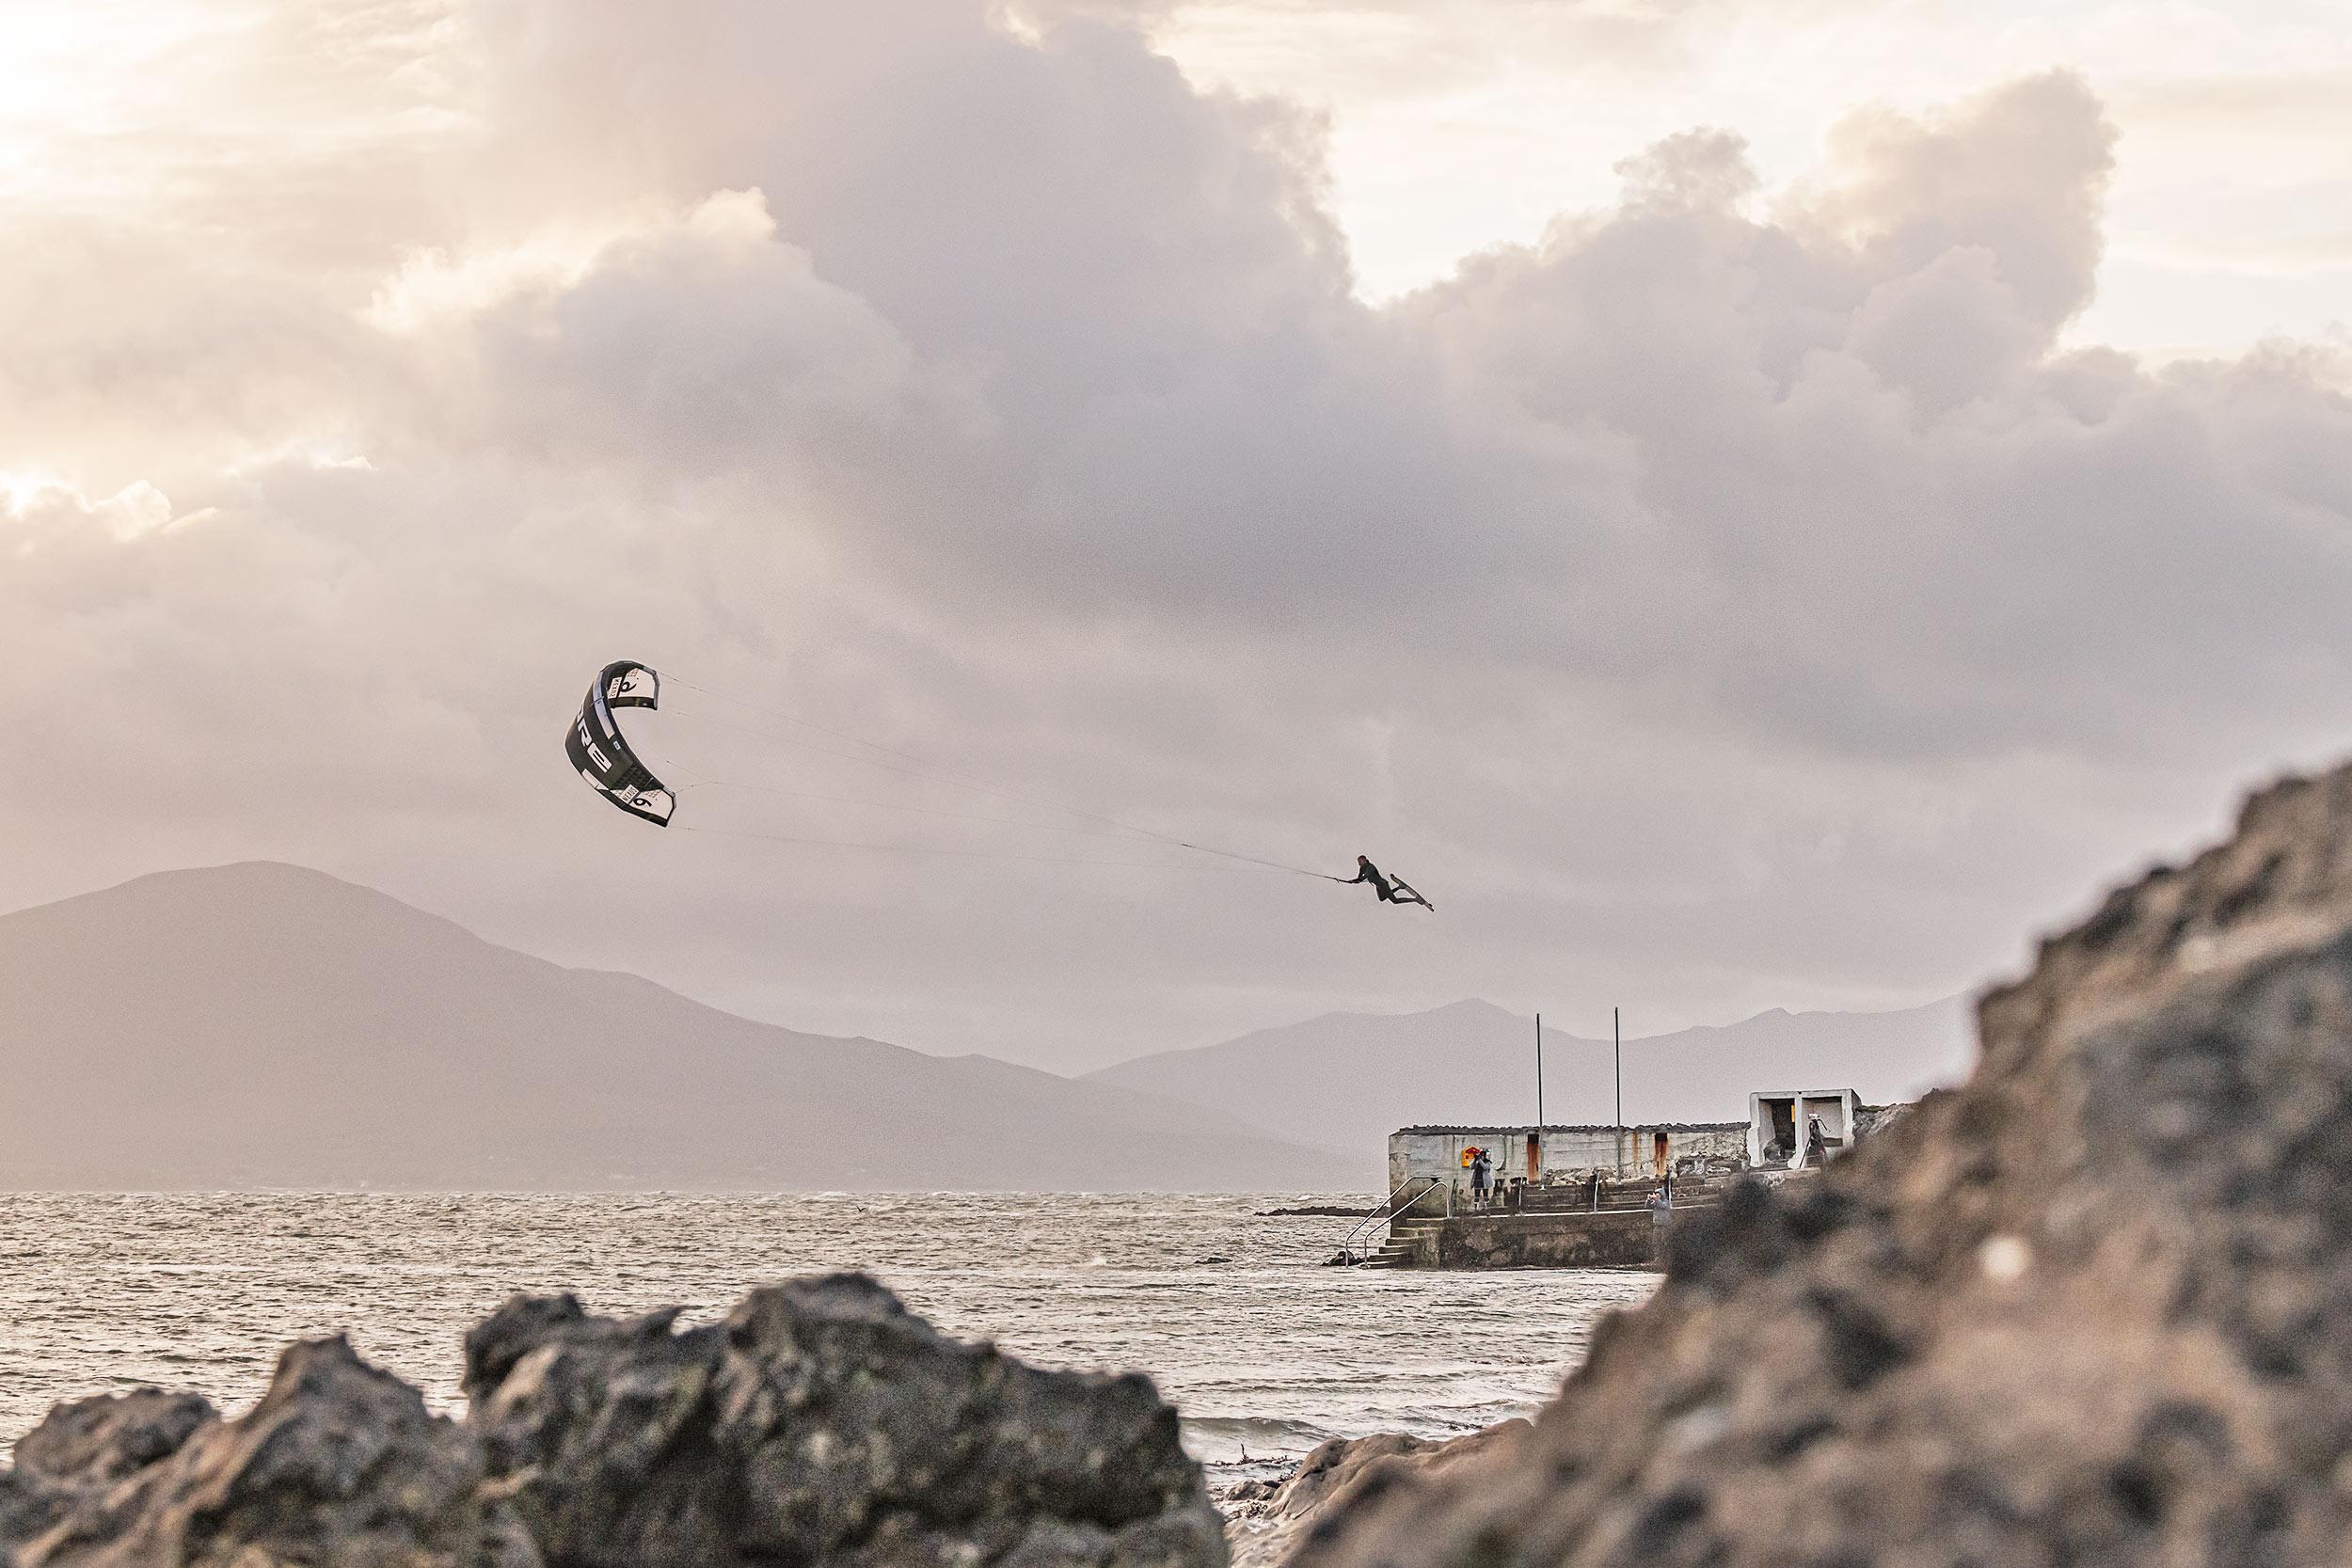 Steven Akkersdijk kiteboarder